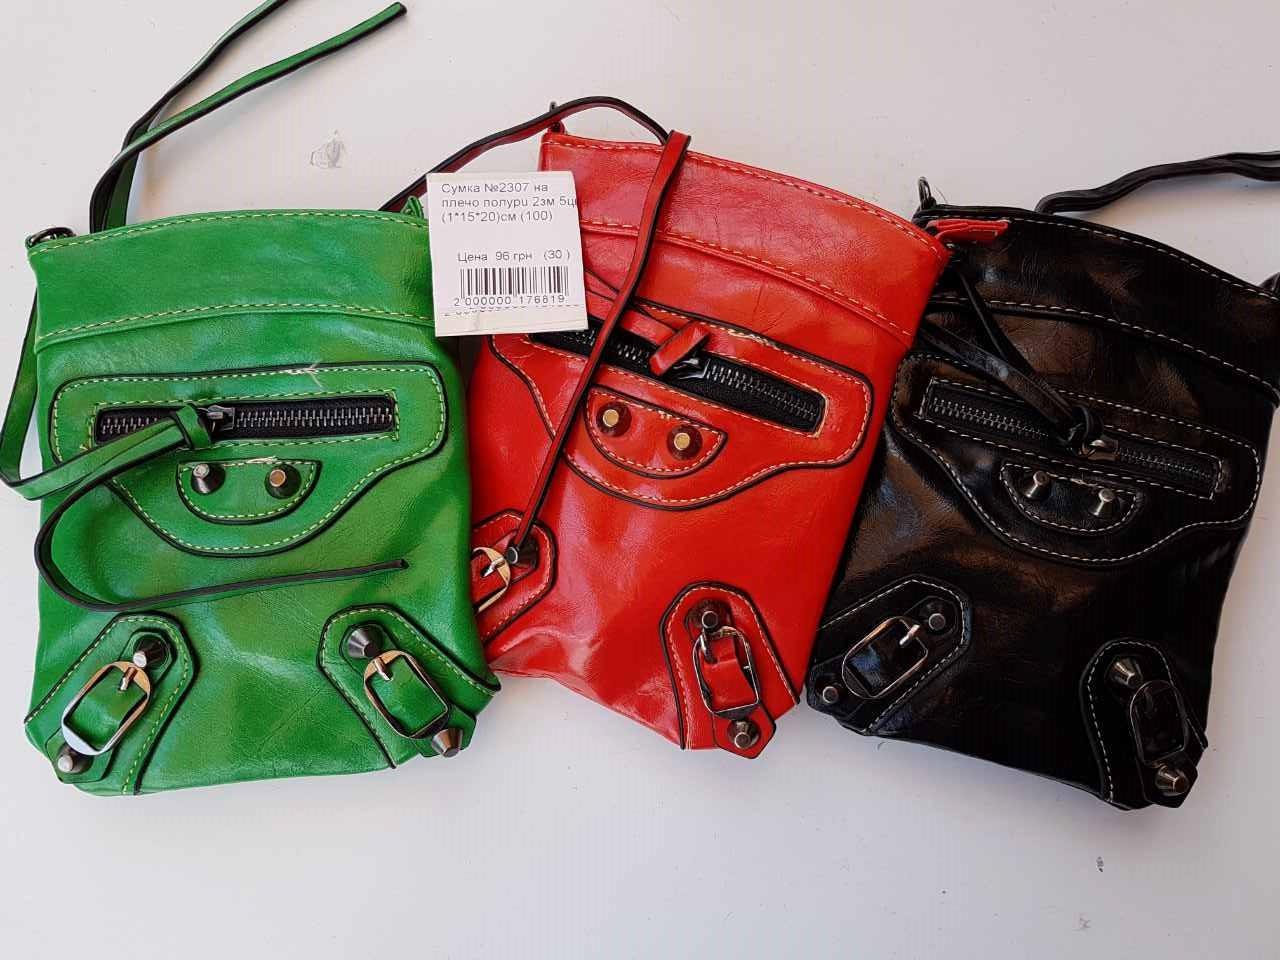 Женская сумочка 2307